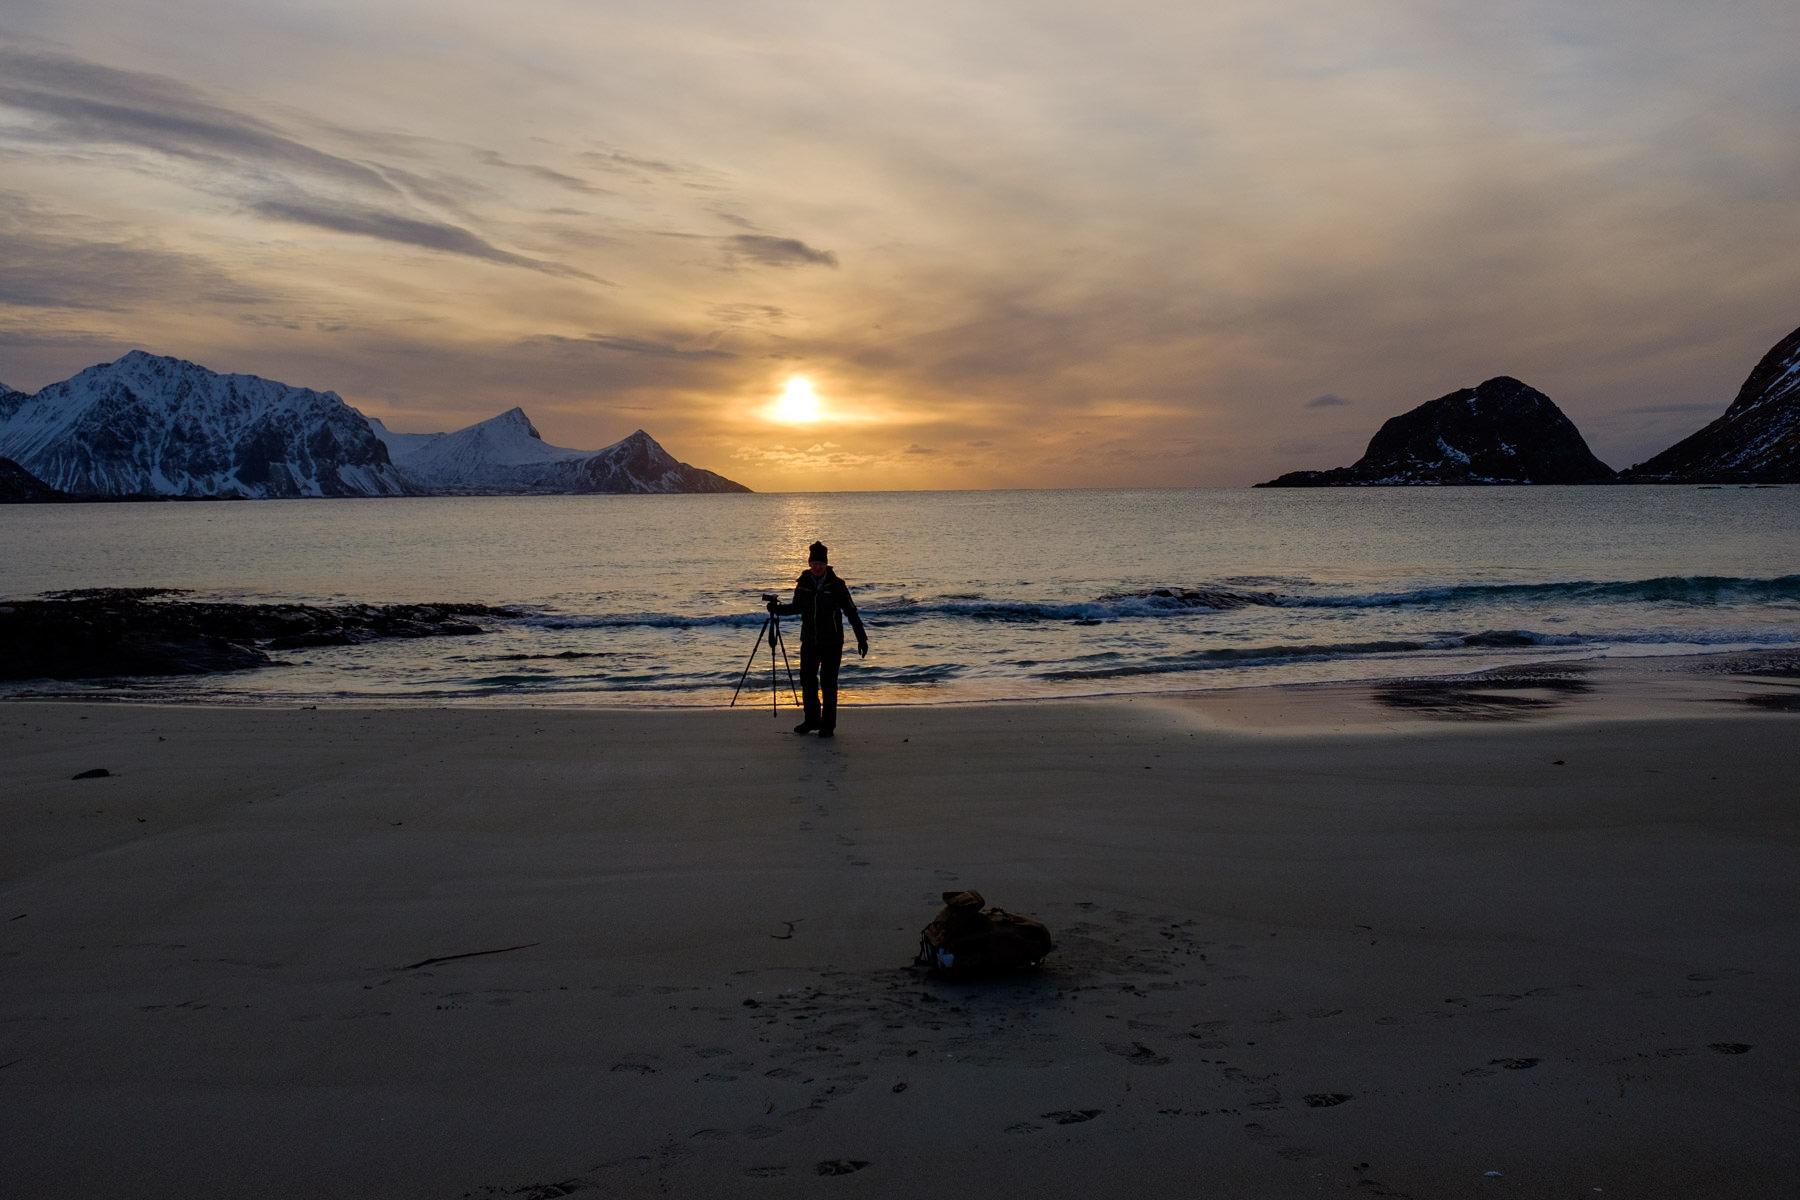 Sonnenuntergang - Fotograf hat fertig